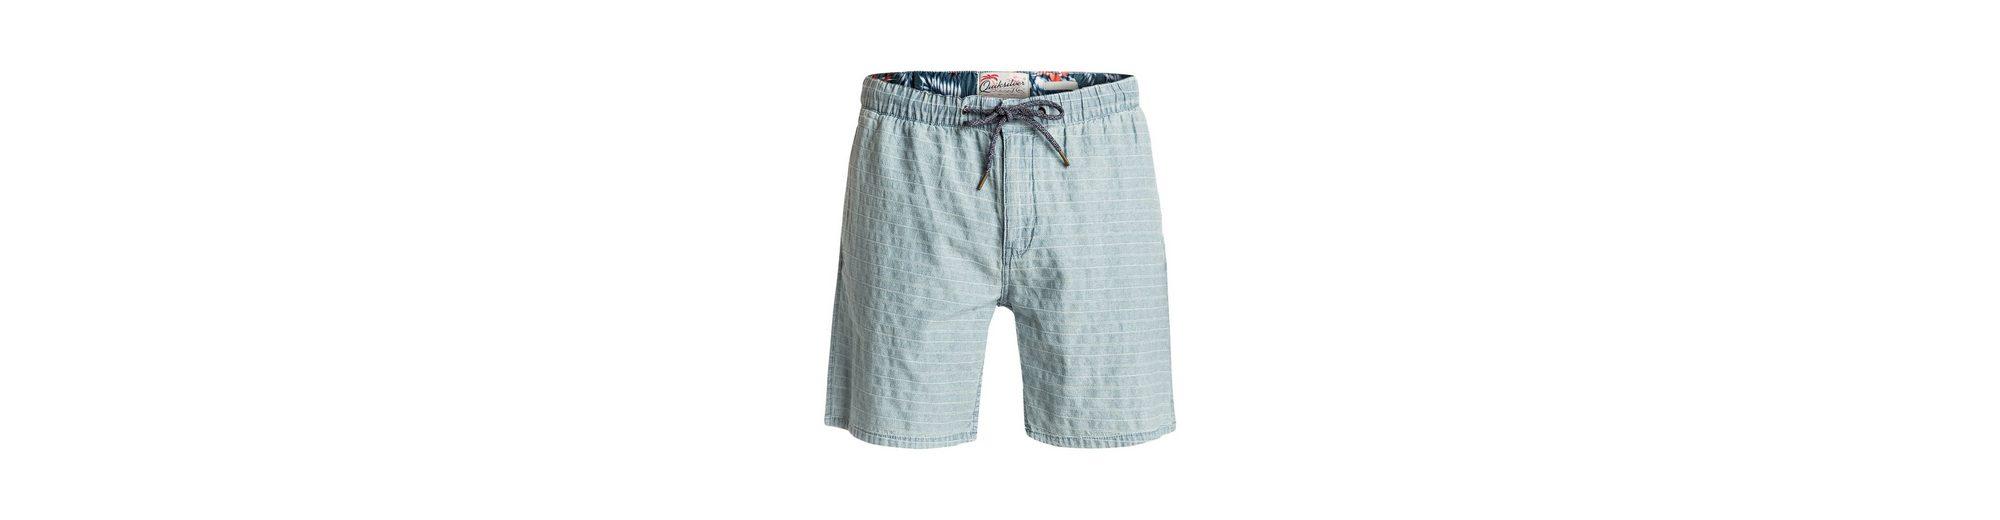 Quiksilver Shorts Mariner Might 18 - Shorts